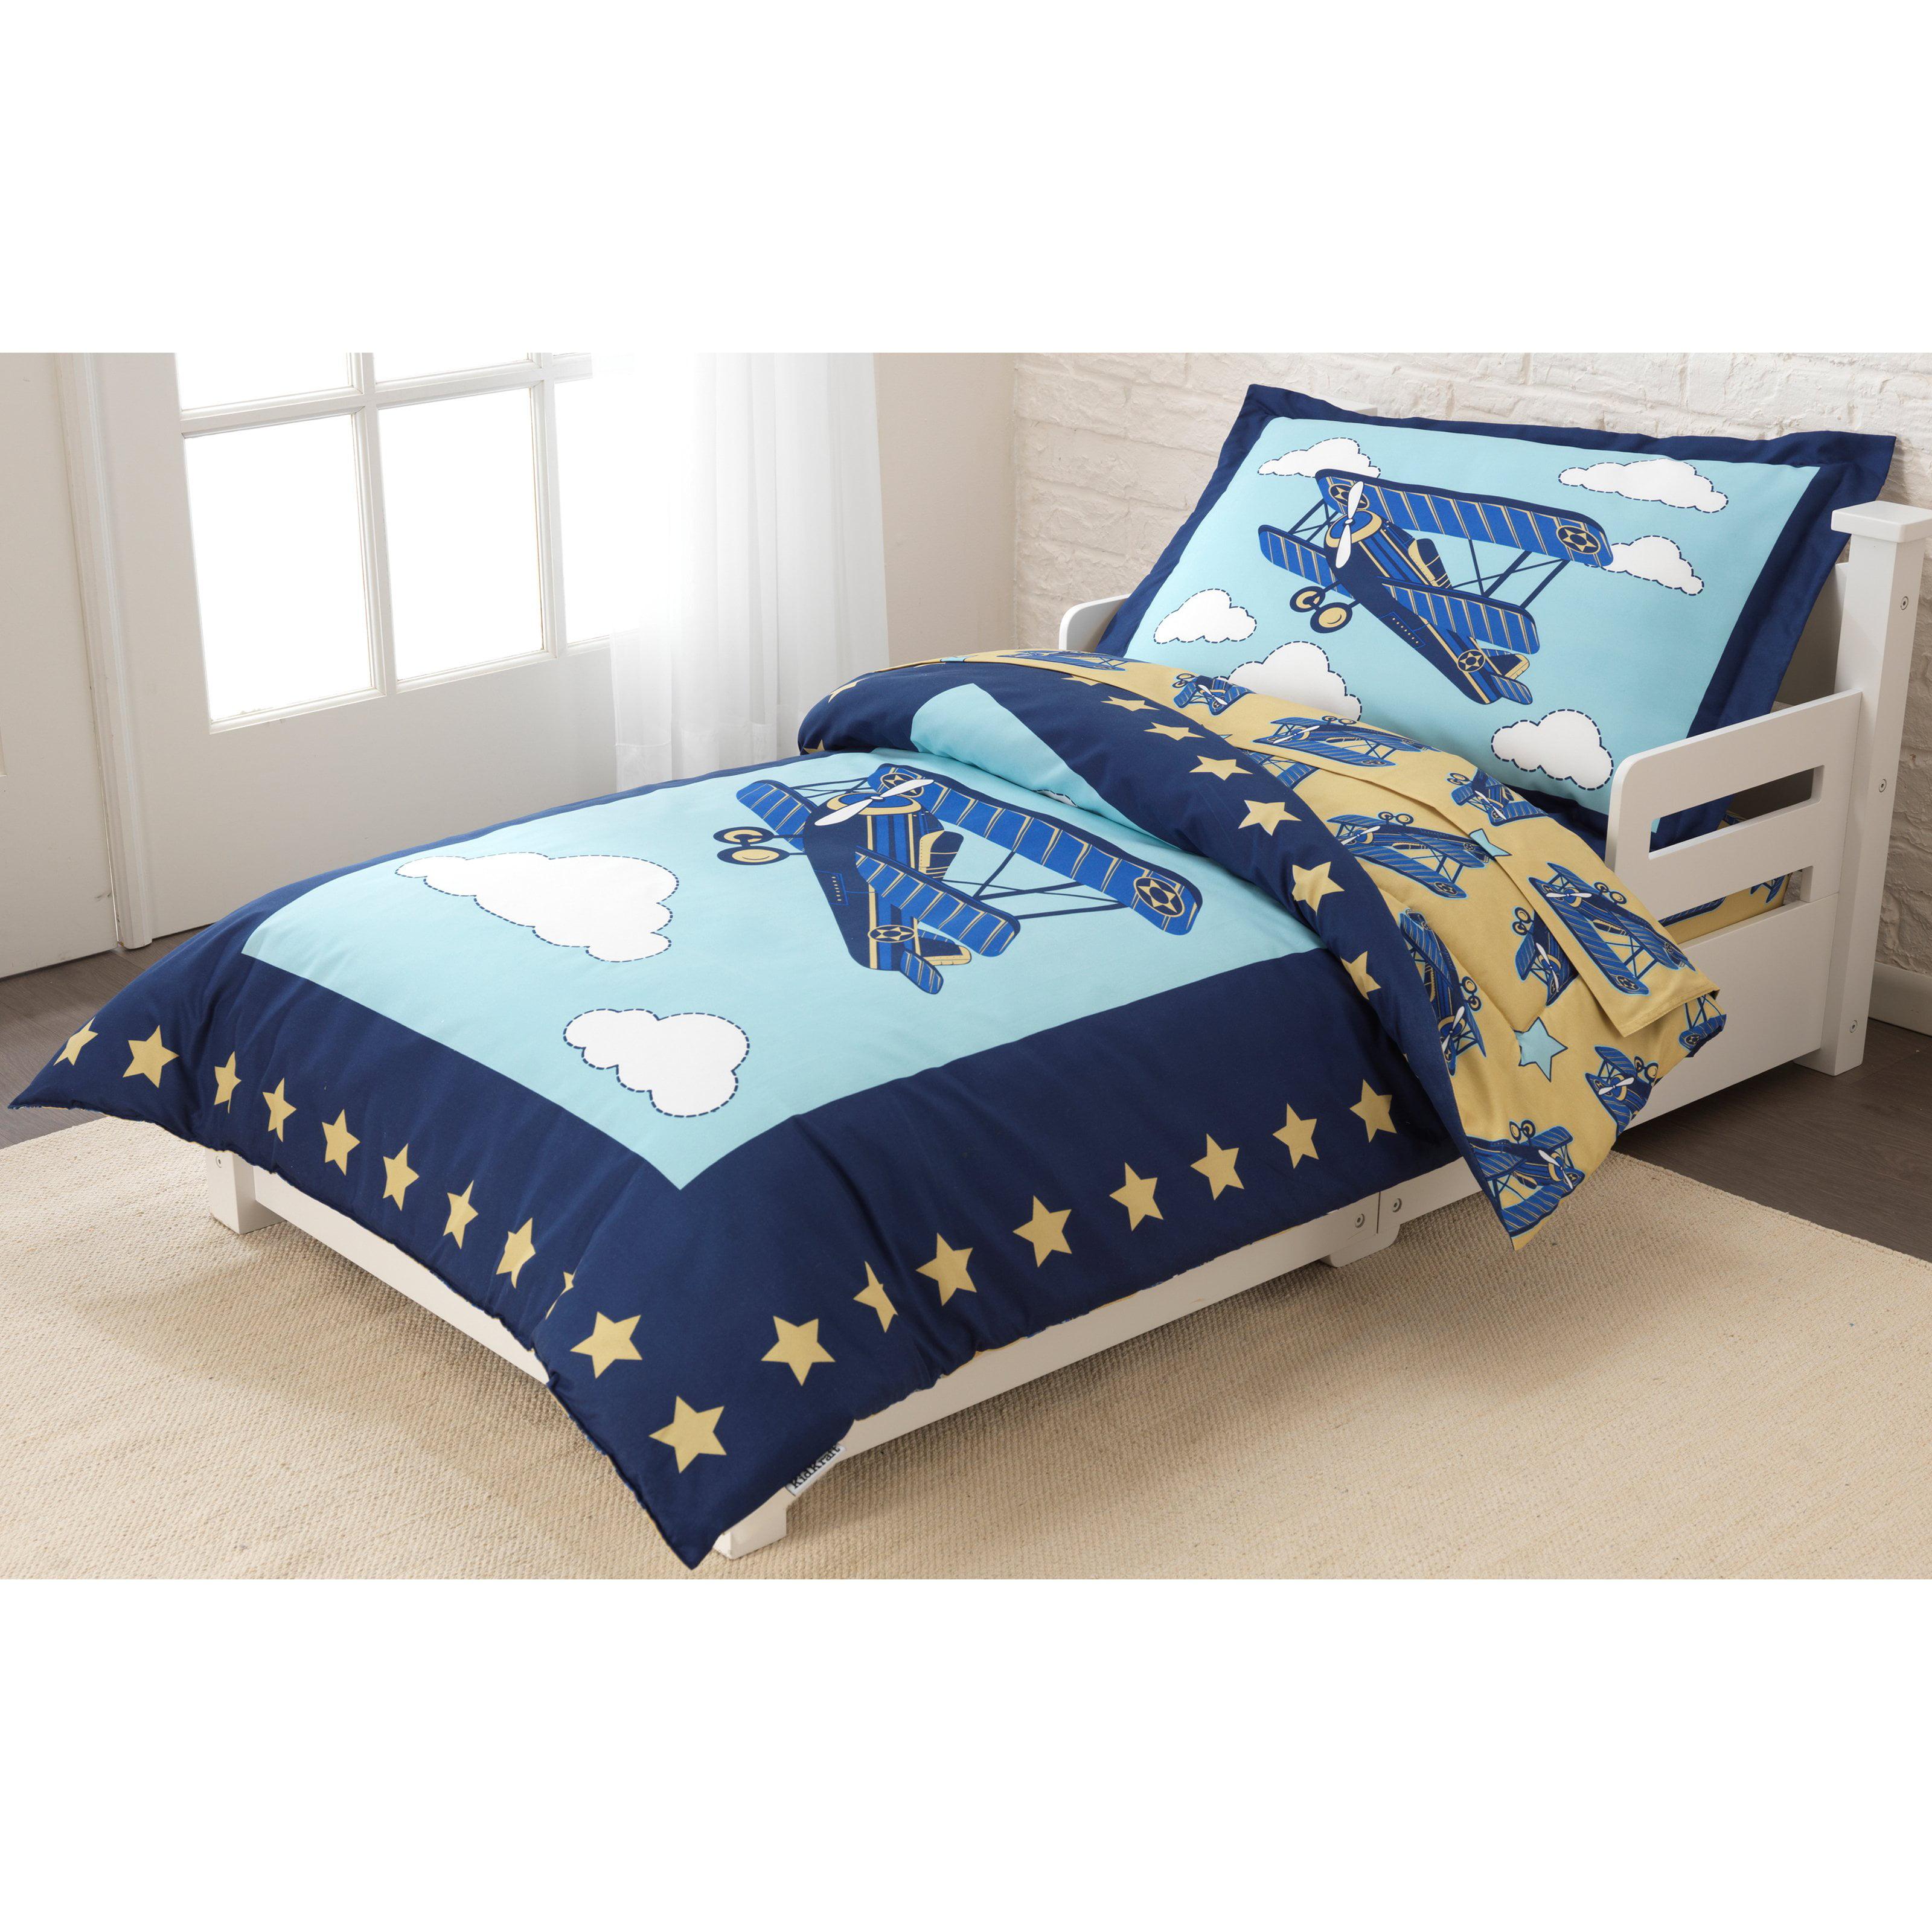 KidKraft Airplane Toddler Bedding